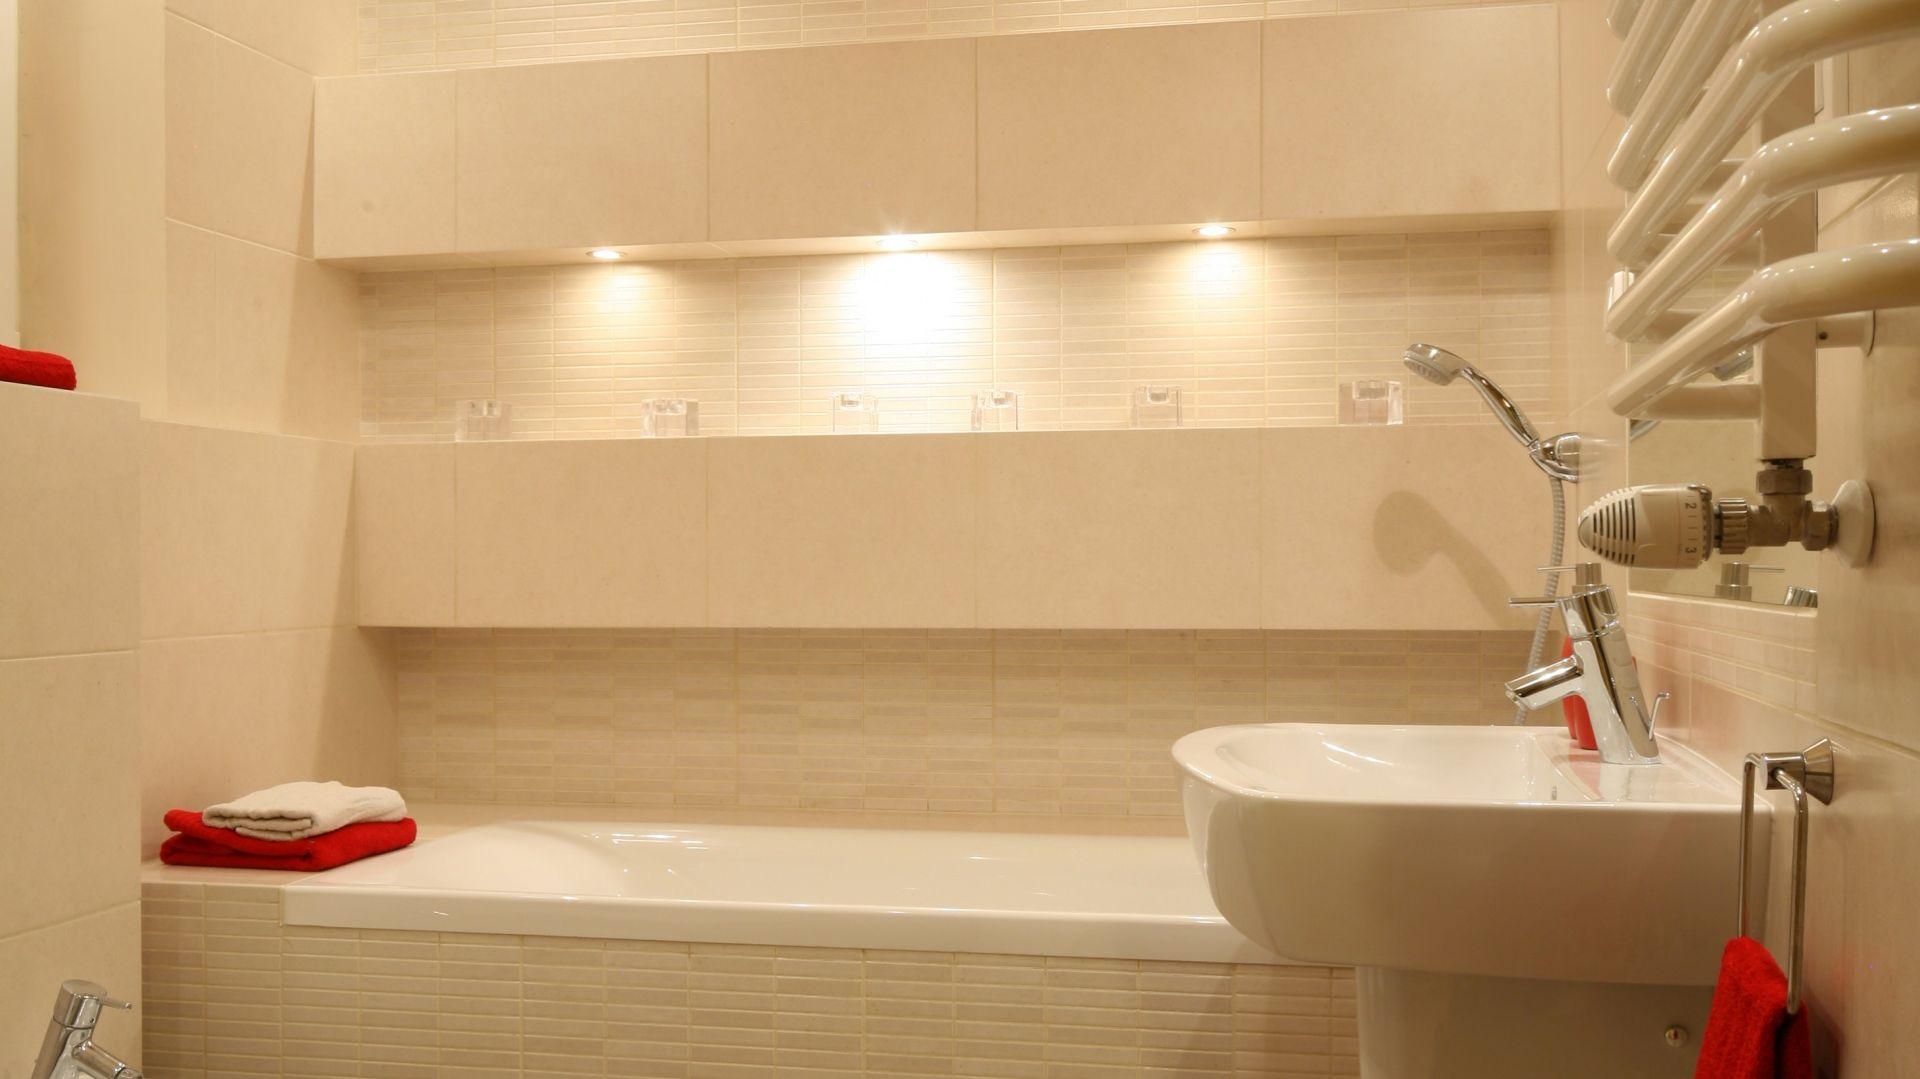 Wanna dobrze wygląda w tak małej łazience, dzięki zastosowaniu neutralnej kolorystyki, ozdobnych półek i odpowiedniego oświetlenia. Kolorowe dodatki ożywiają jednolite wnętrze. Projekt: właściciele. Fot. Bartosz Jarosz